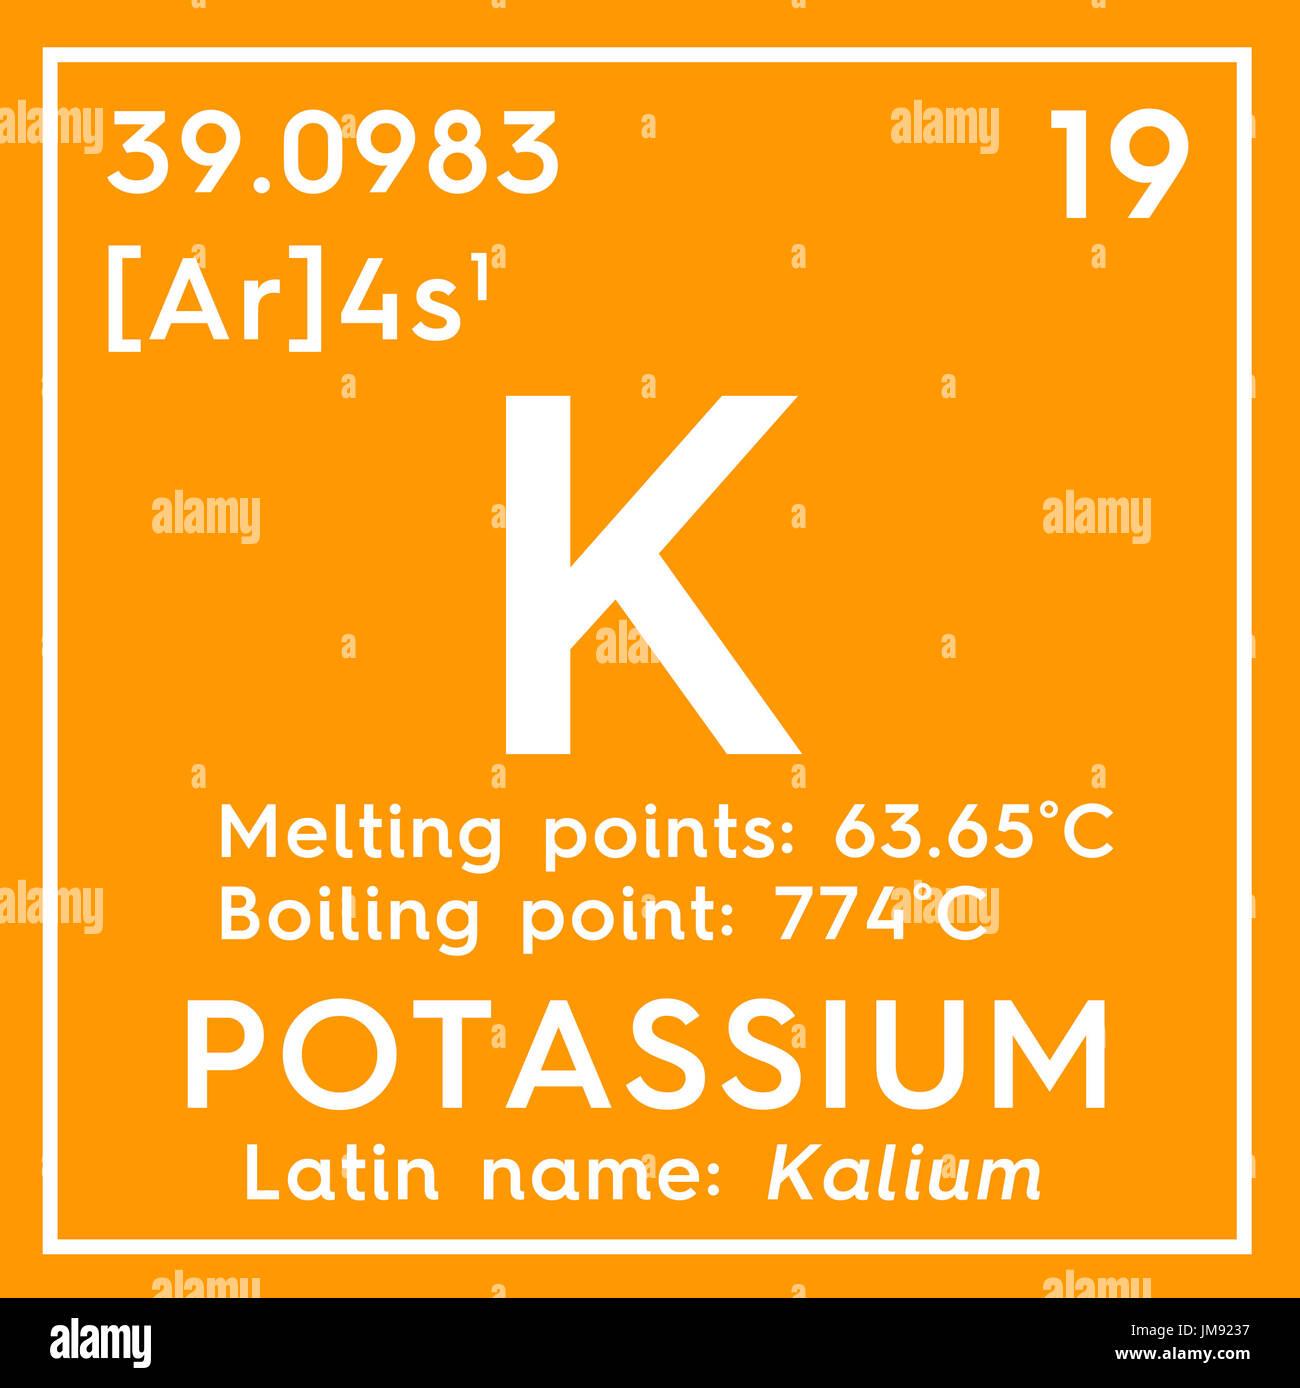 El potasio kalium metales alcalinos elemento qumico de la tabla el potasio kalium metales alcalinos elemento qumico de la tabla peridica de mendeleyev potasio en square cube concepto creativo urtaz Gallery